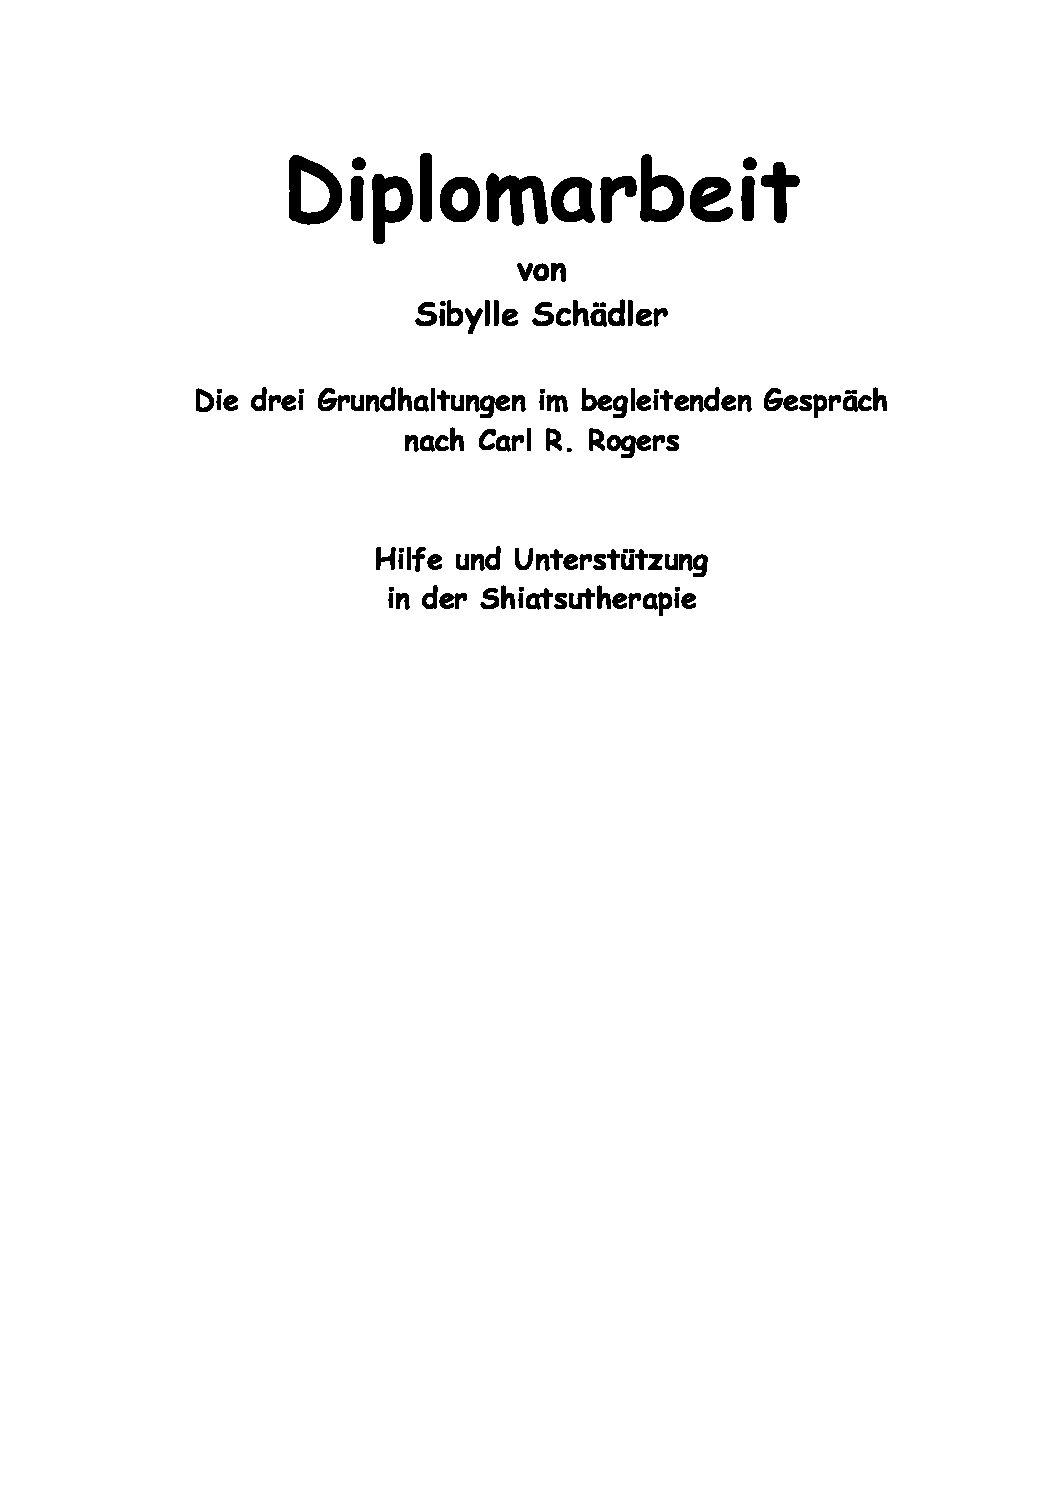 Die drei Grundhaltungen im begleitenden Gespräch (2007, Sibylle Schädler)